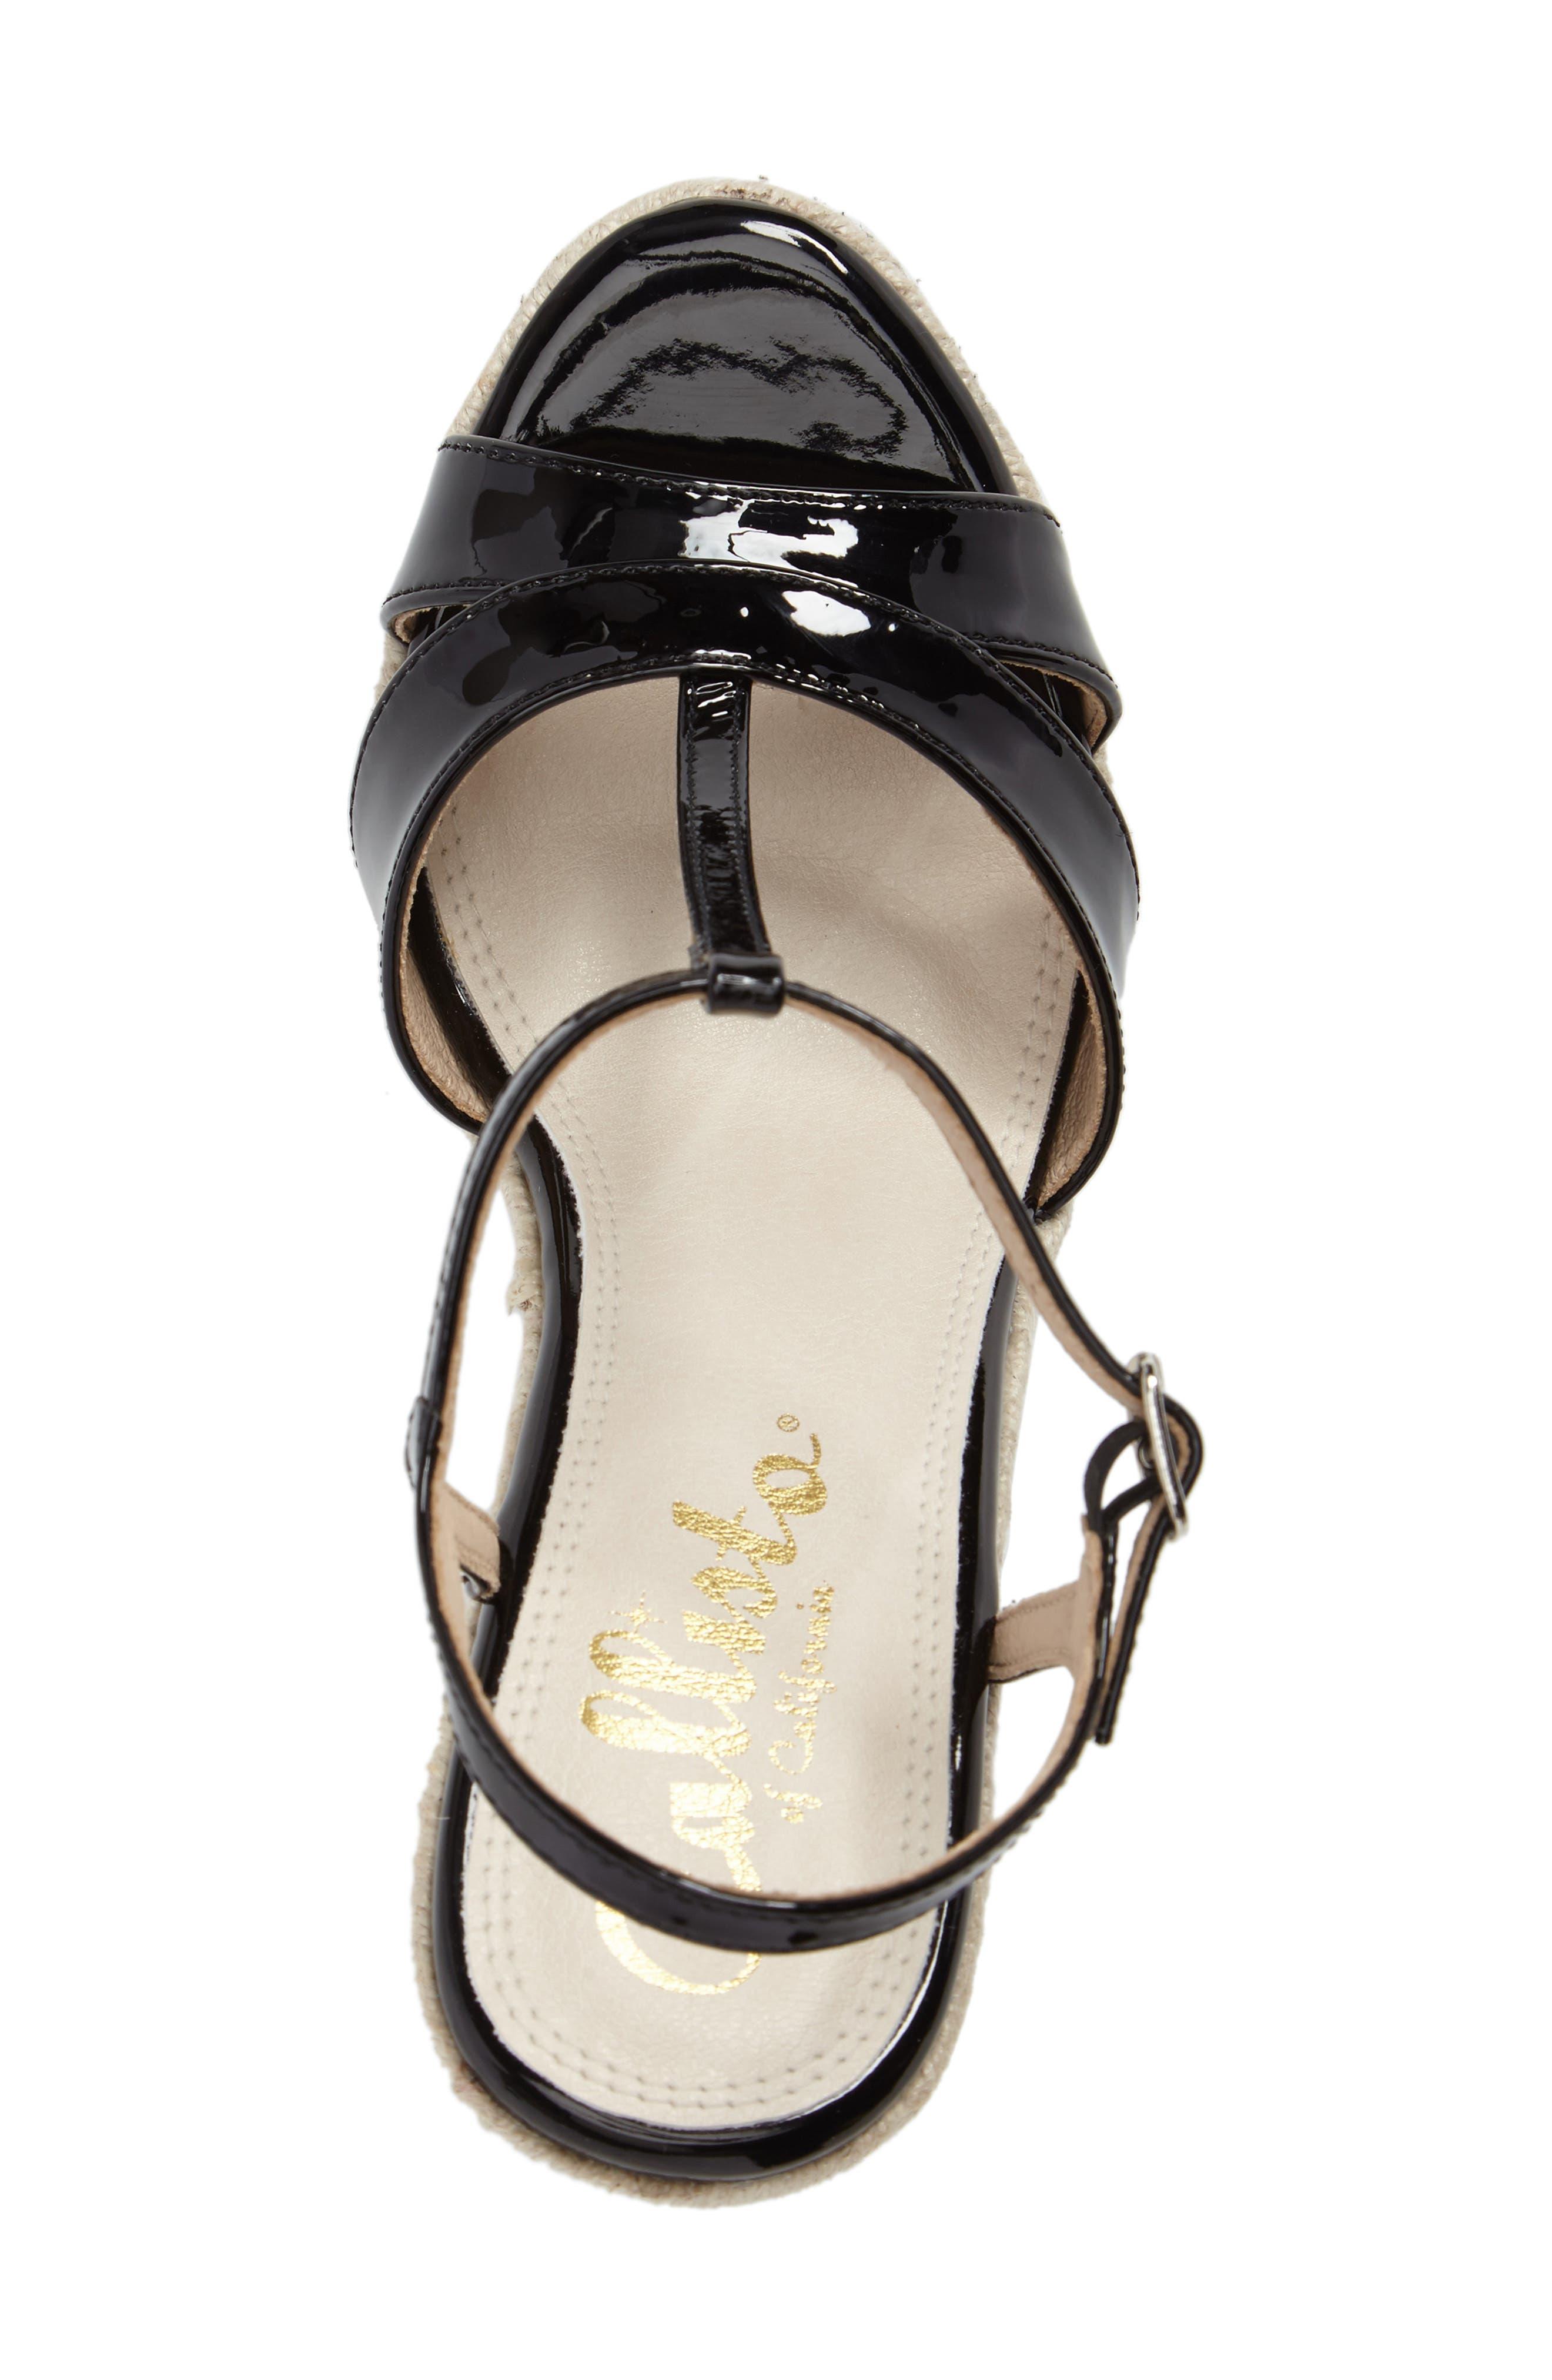 Alinna T-Strap Wedge Sandal,                             Alternate thumbnail 5, color,                             002